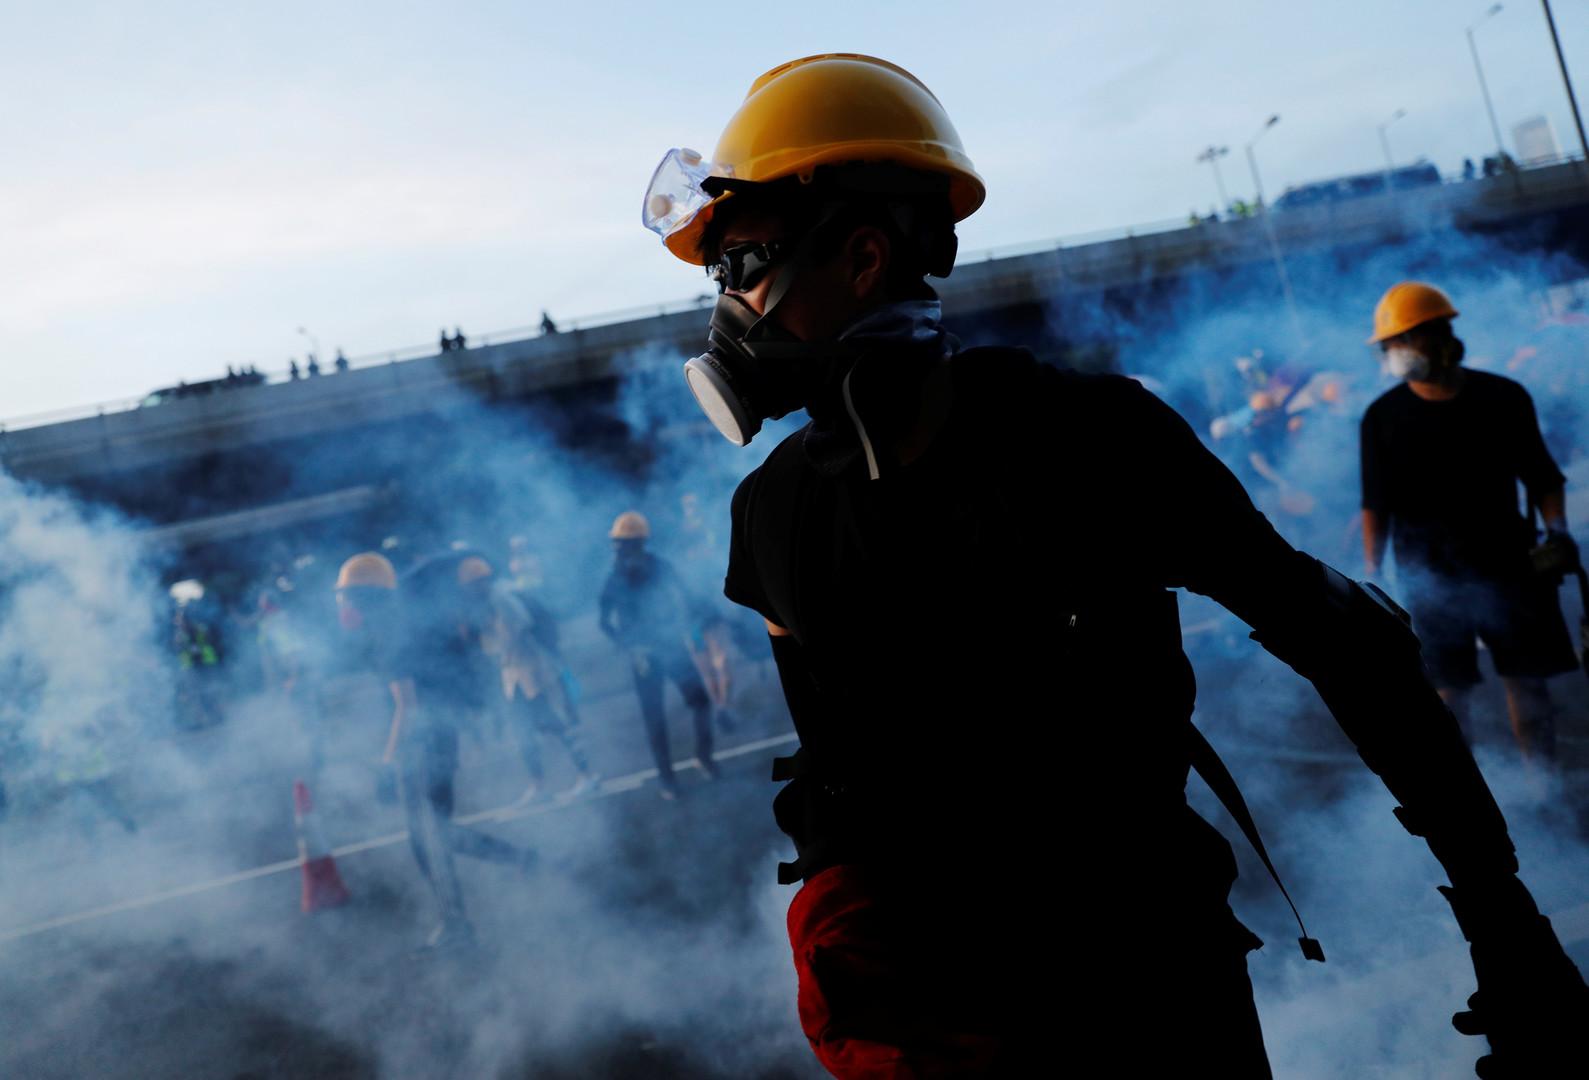 الجيش الصيني يخرج عن صمته حيال احتجاجات هونغ كونغ وينشر فيديو لفض المظاهرات